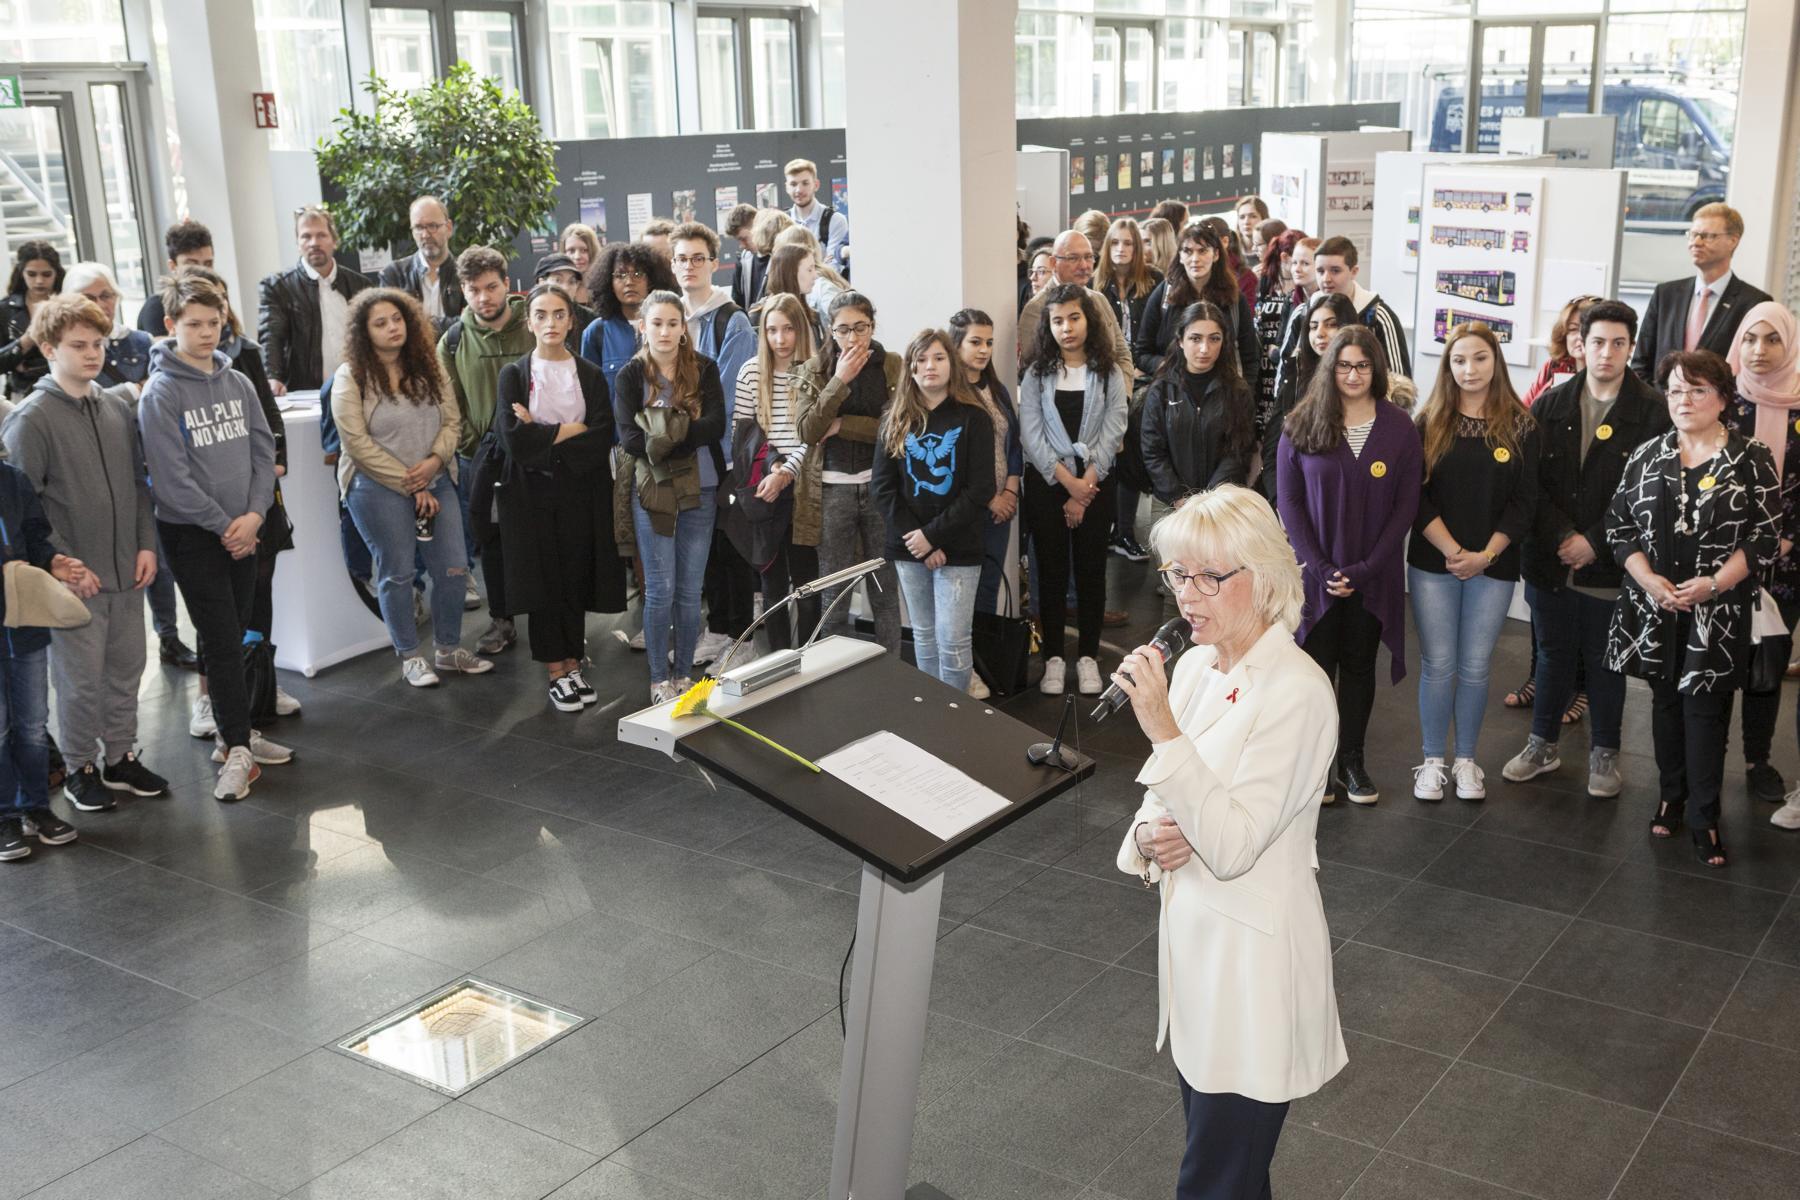 Zur Vorstellung des Busses hat Bürgermeisterin Elfi Scho-Antwerpes eine kleine Ausstellung im Westforum der KVB eröffnet.